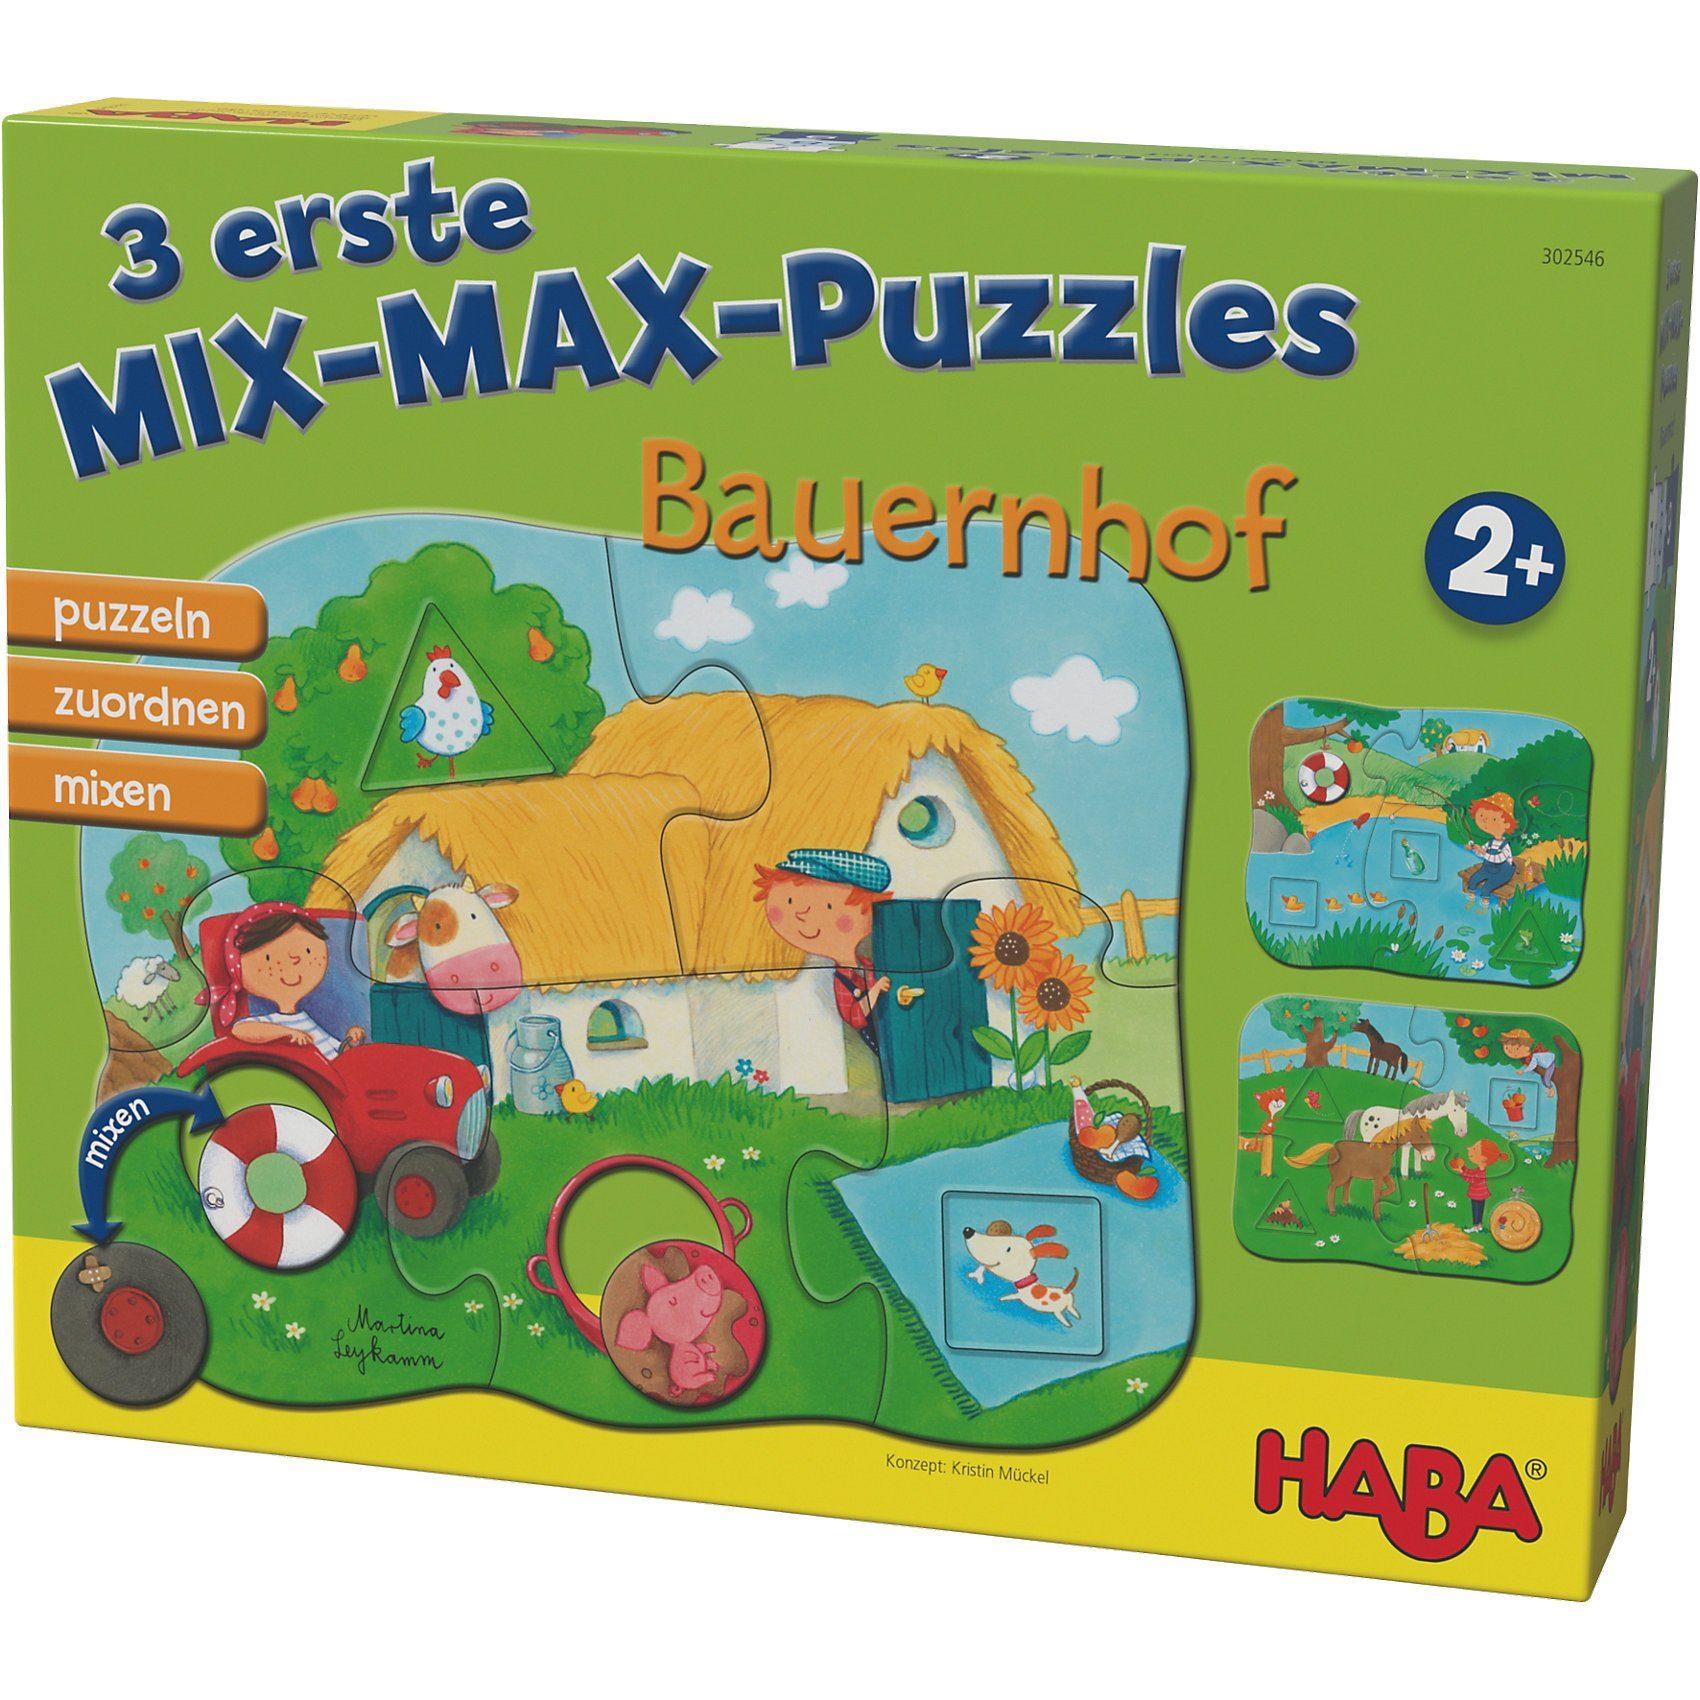 Haba 3 erste Mix-Max-Puzzles - Bauernhof